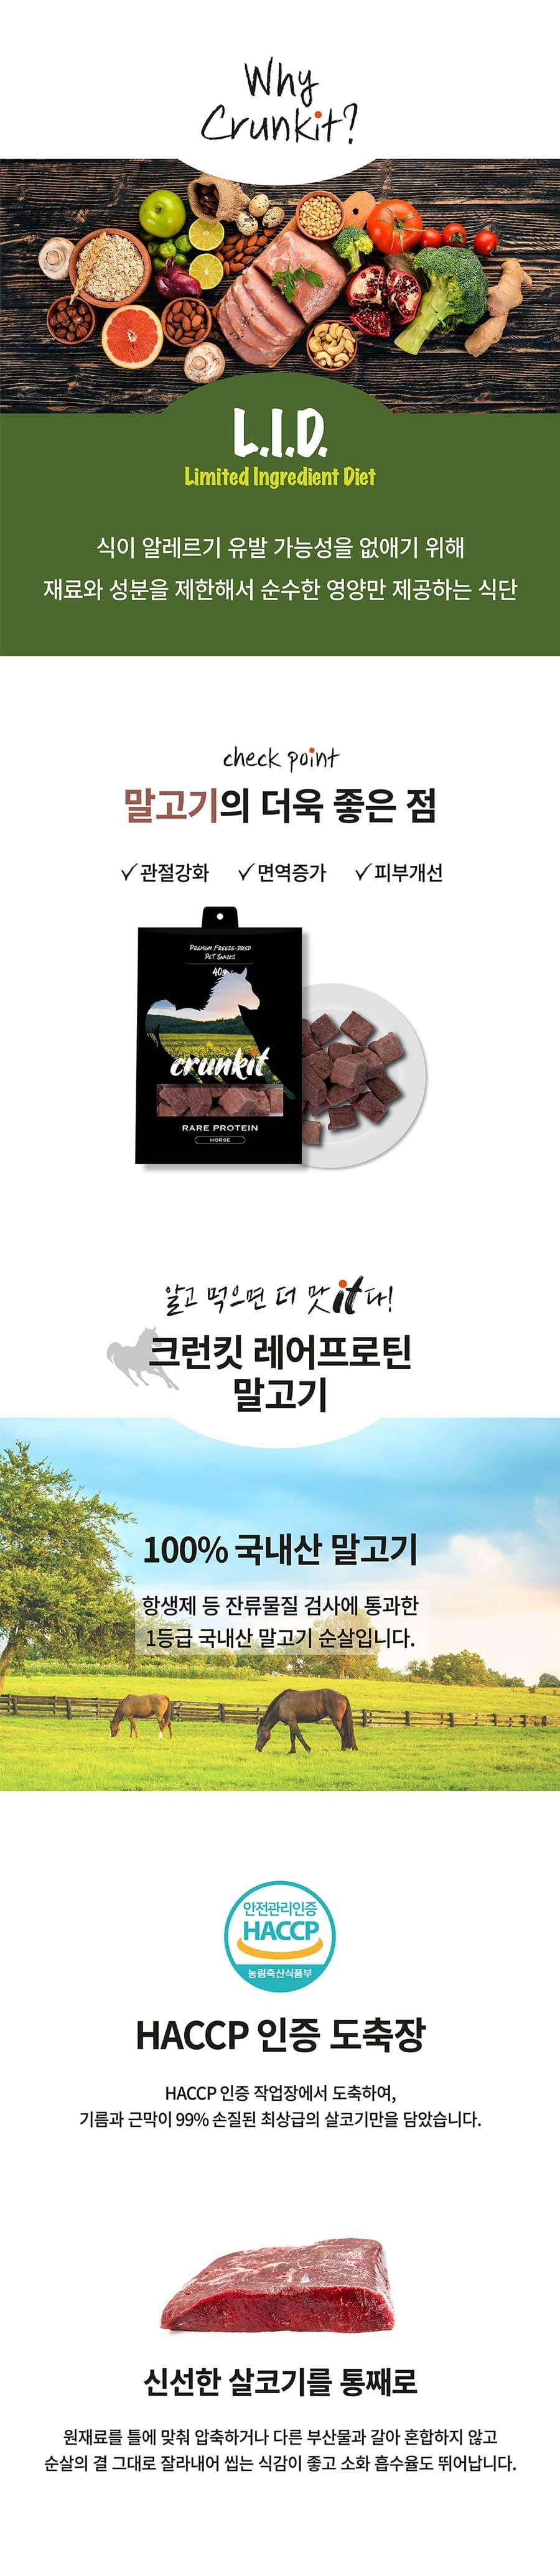 it 크런킷 레어프로틴 (열빙어/캥거루/상어순살/말고기/껍질연어)-상품이미지-7